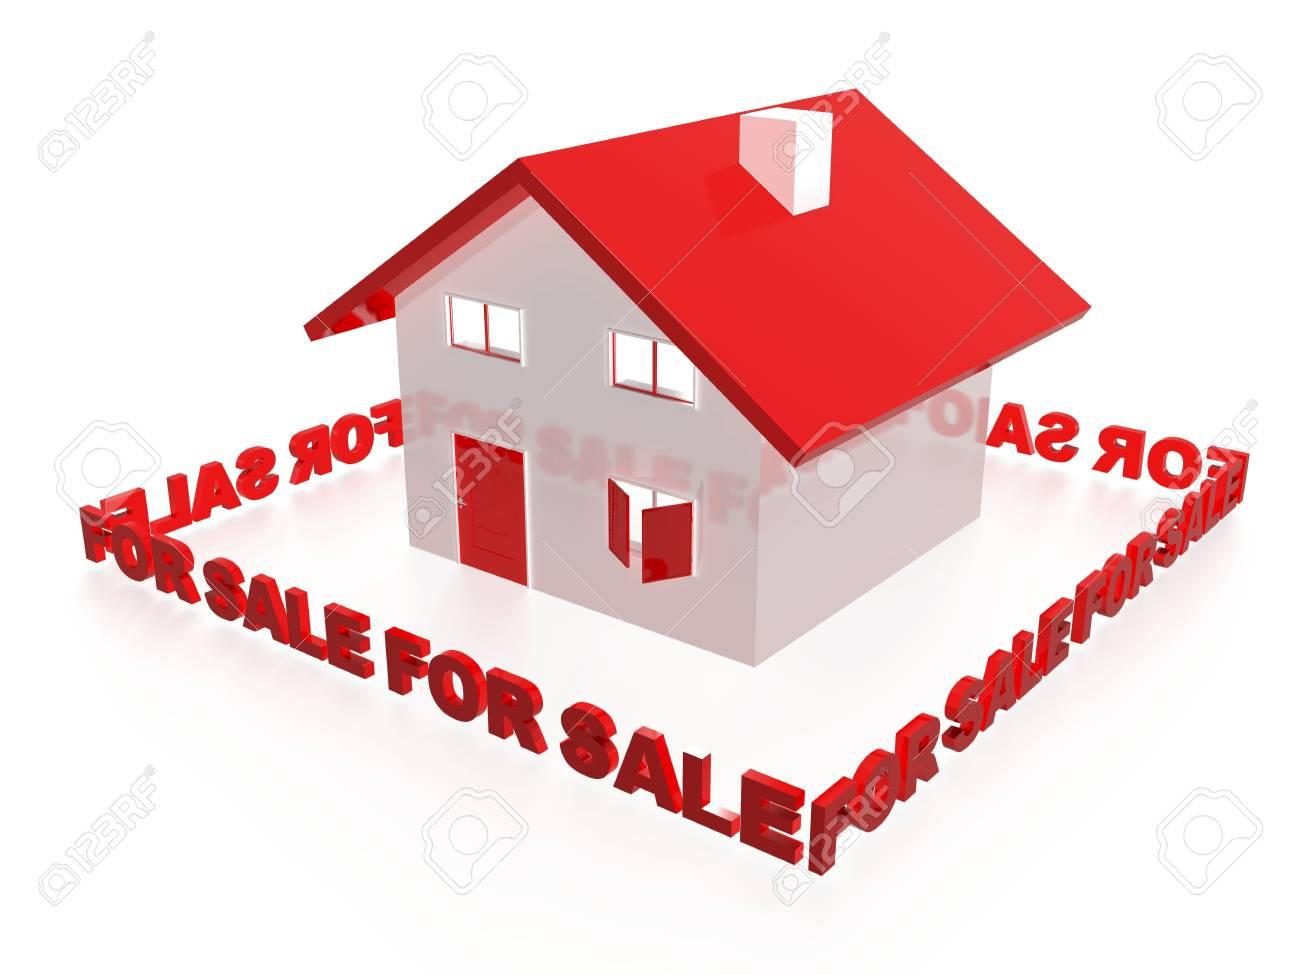 فروش تجاری و مسکونی یک طبقه در خیابان پاسداران